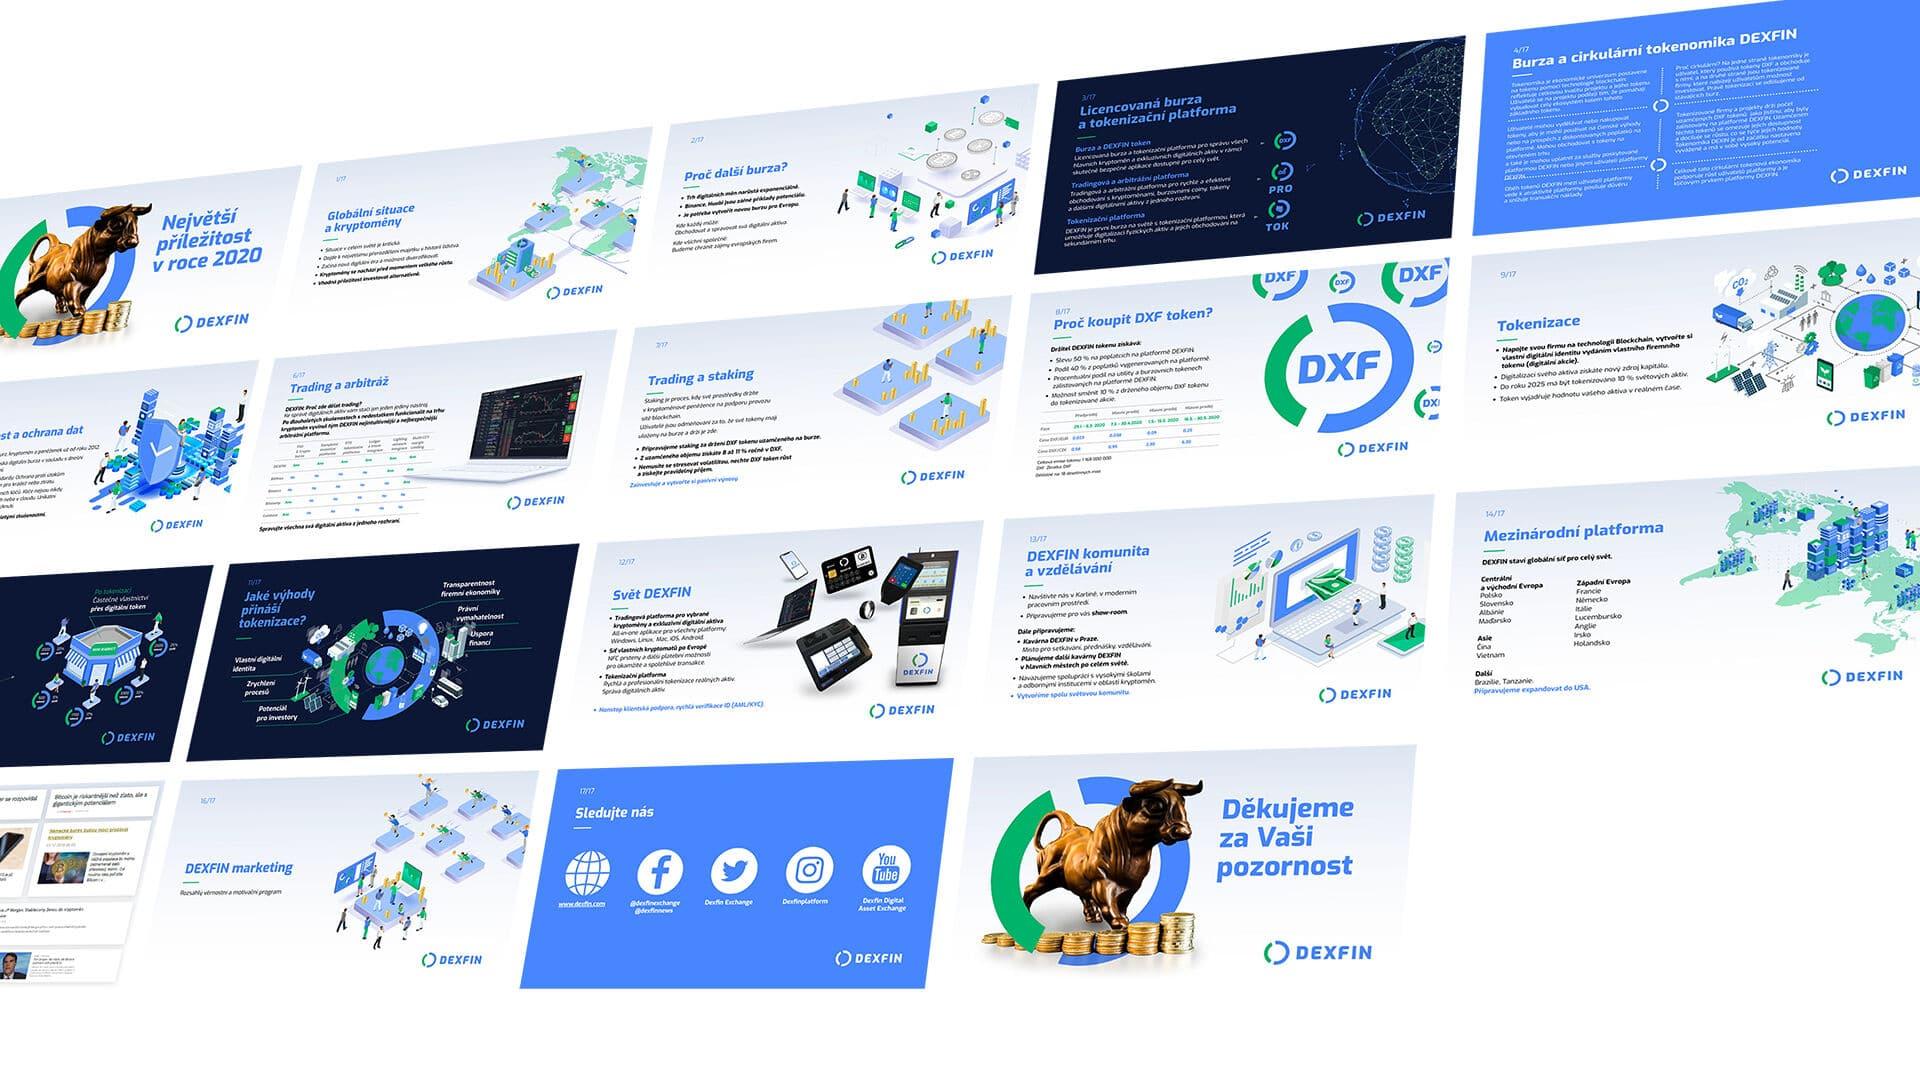 Tvorba loga avizuální identity Dexfin prezentace